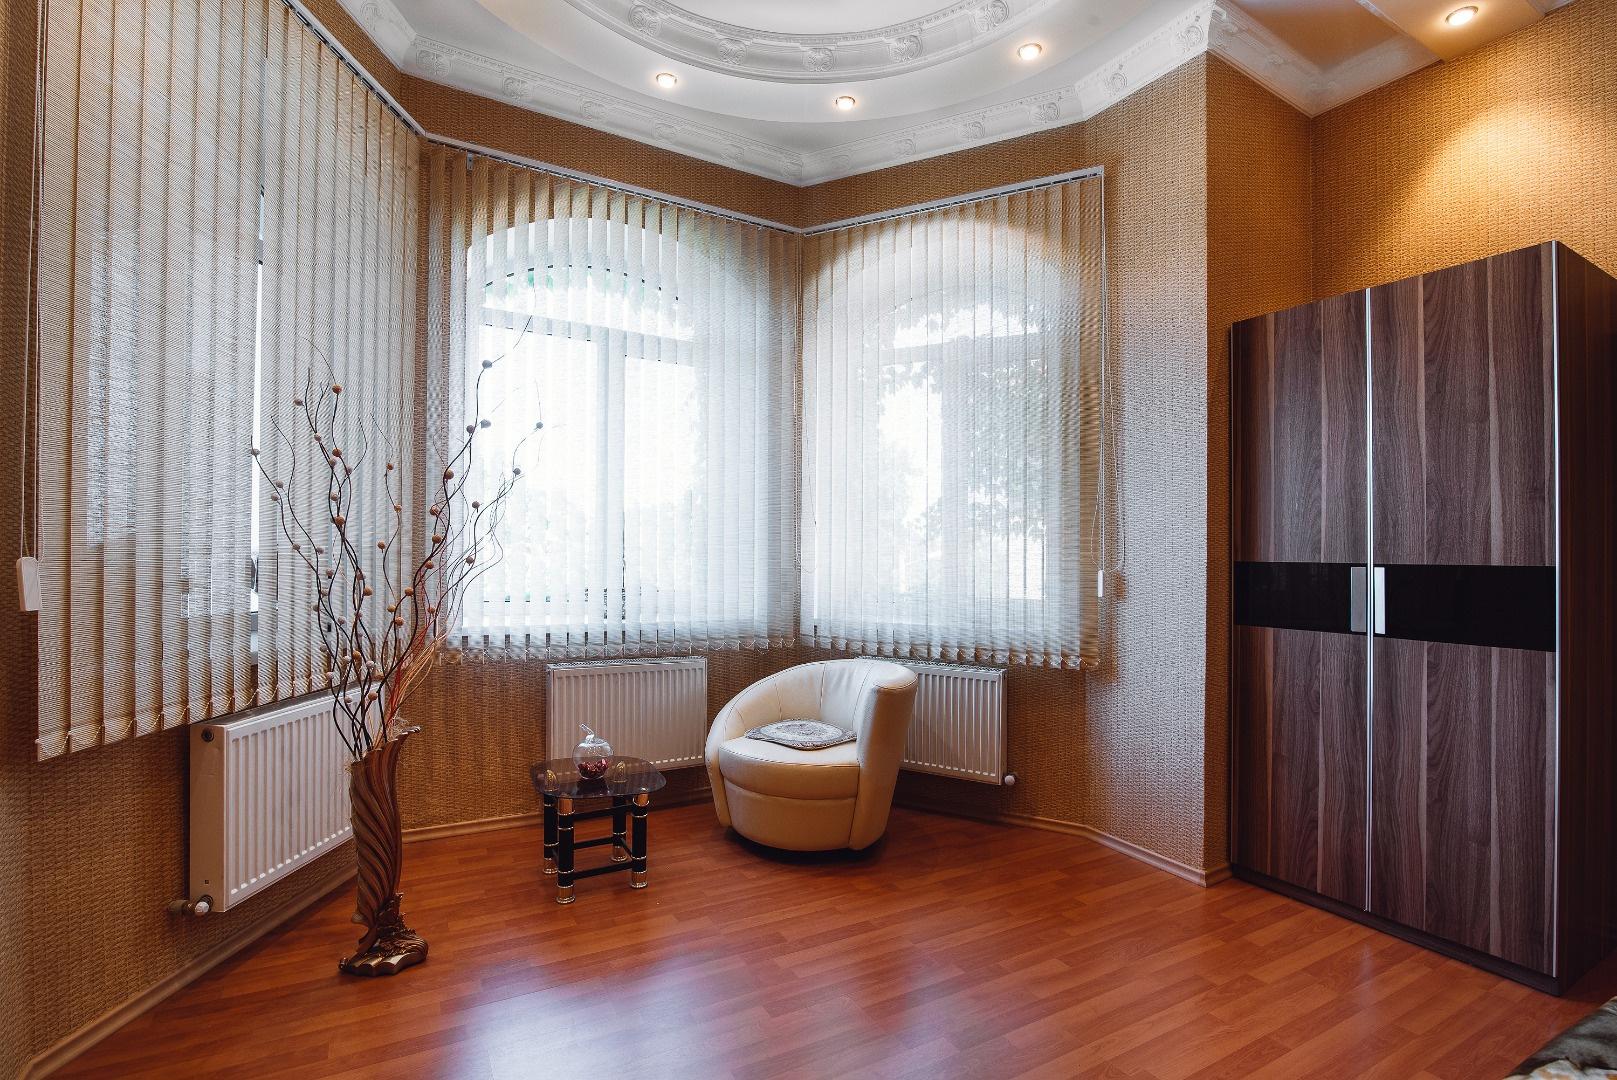 Продается Дом на ул. Аркадиевский Пер. — 1 500 000 у.е. (фото №17)